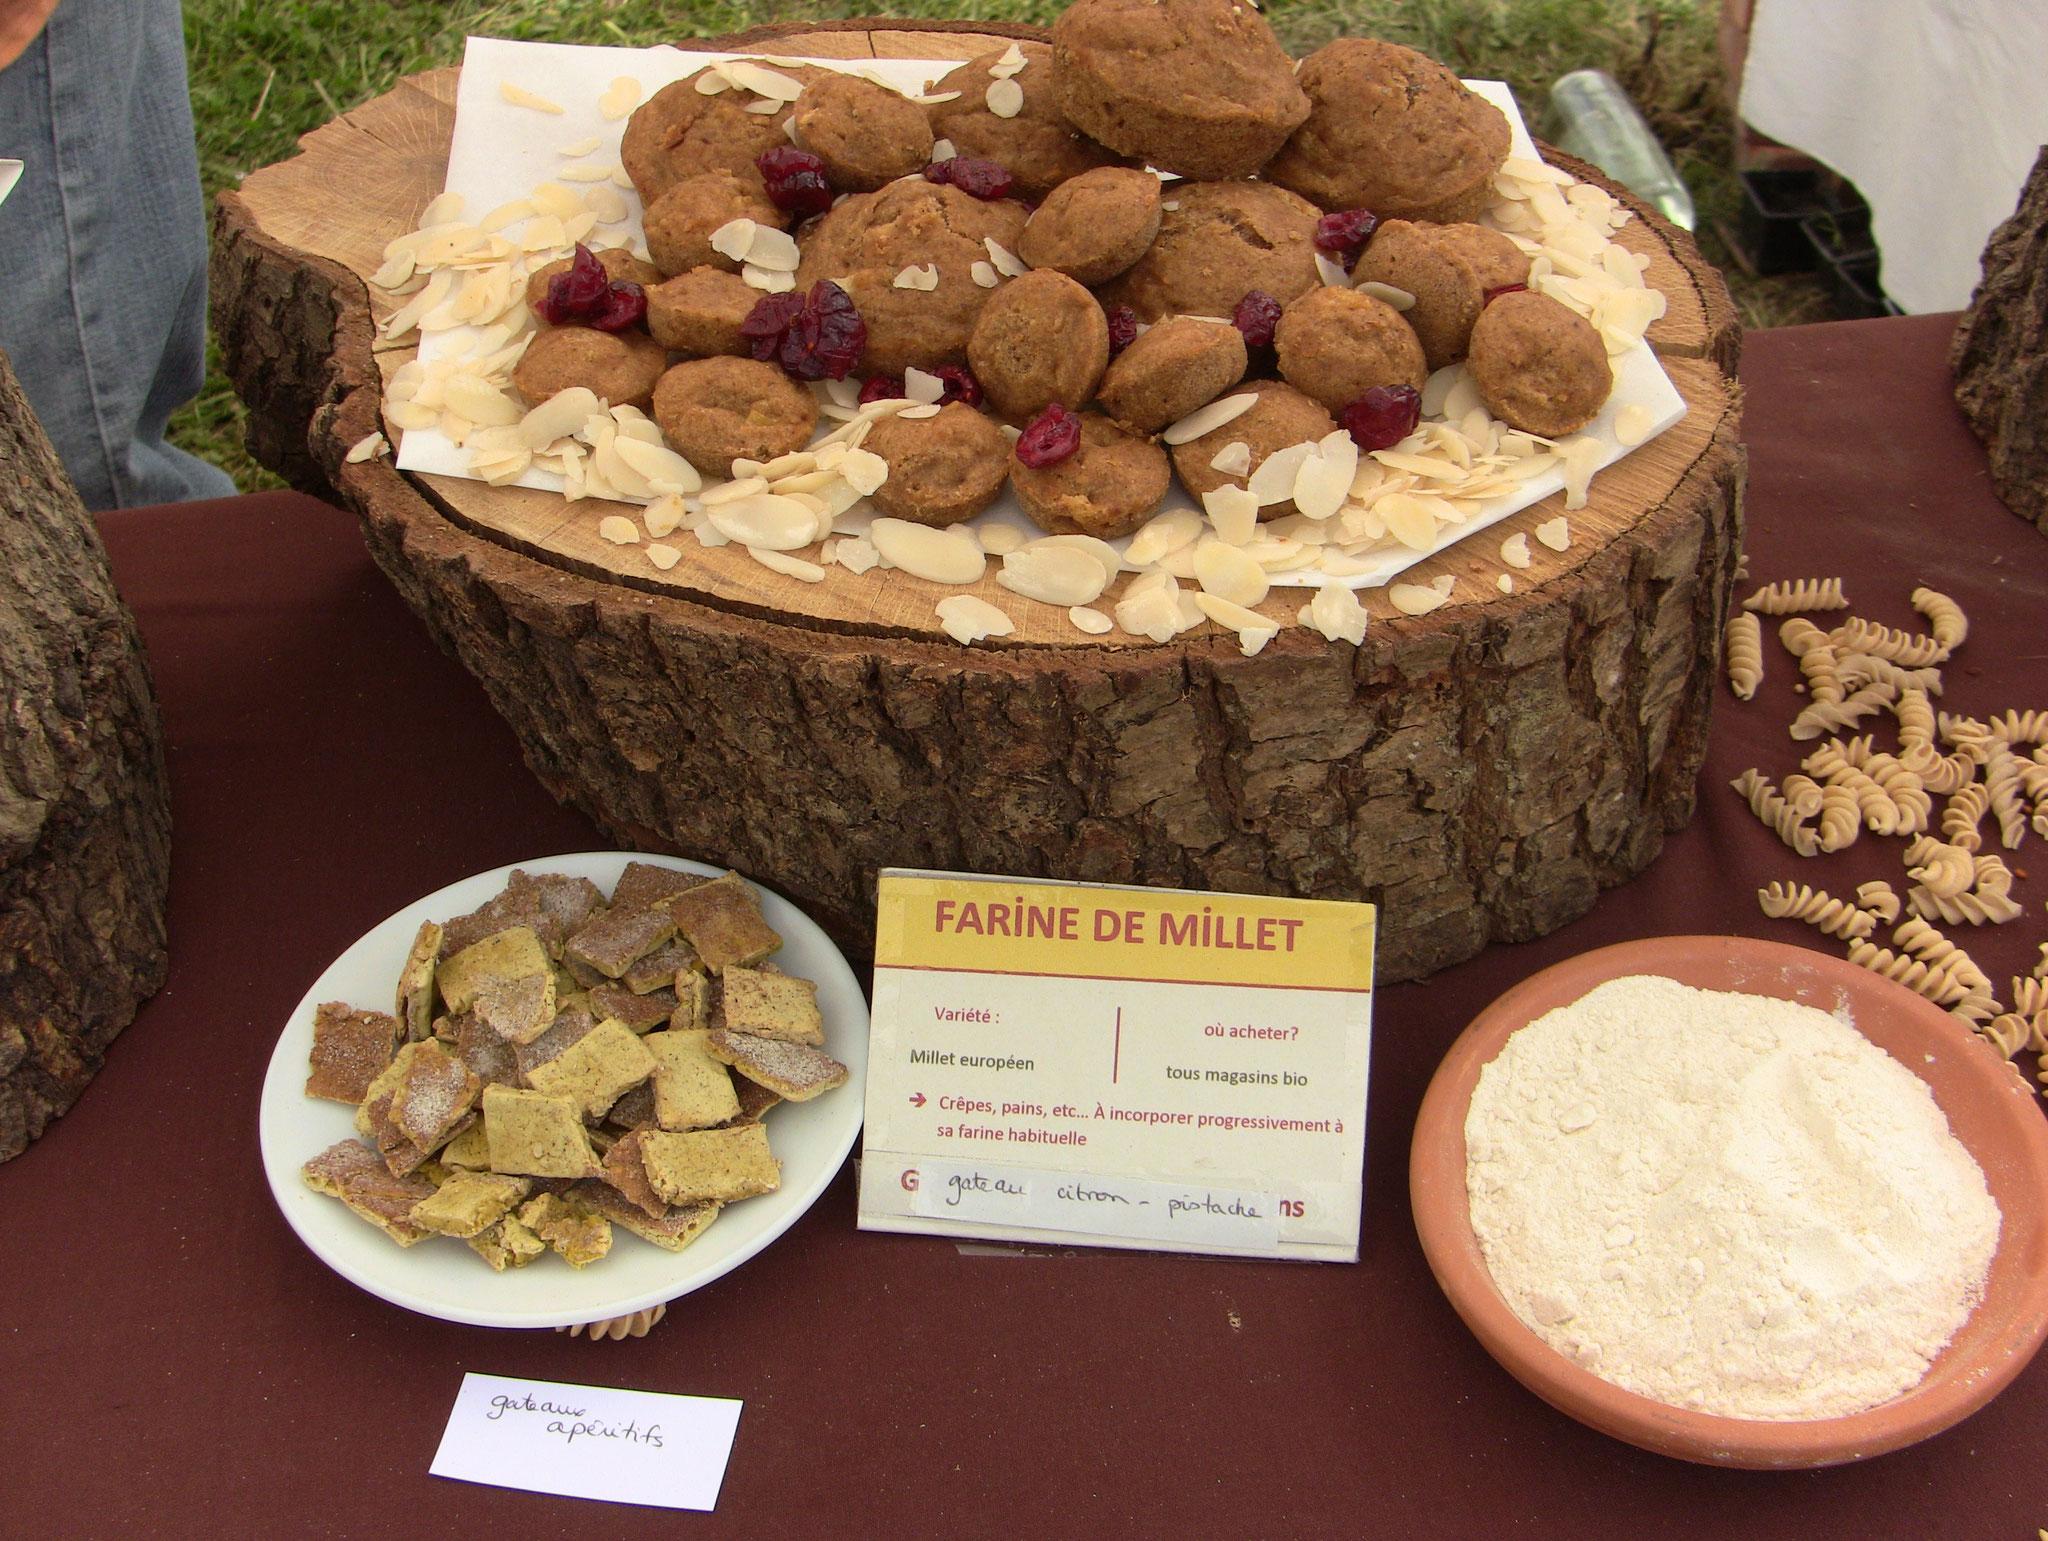 gateaux apéritifs au millet et gateaux au millet-pistaches-citron